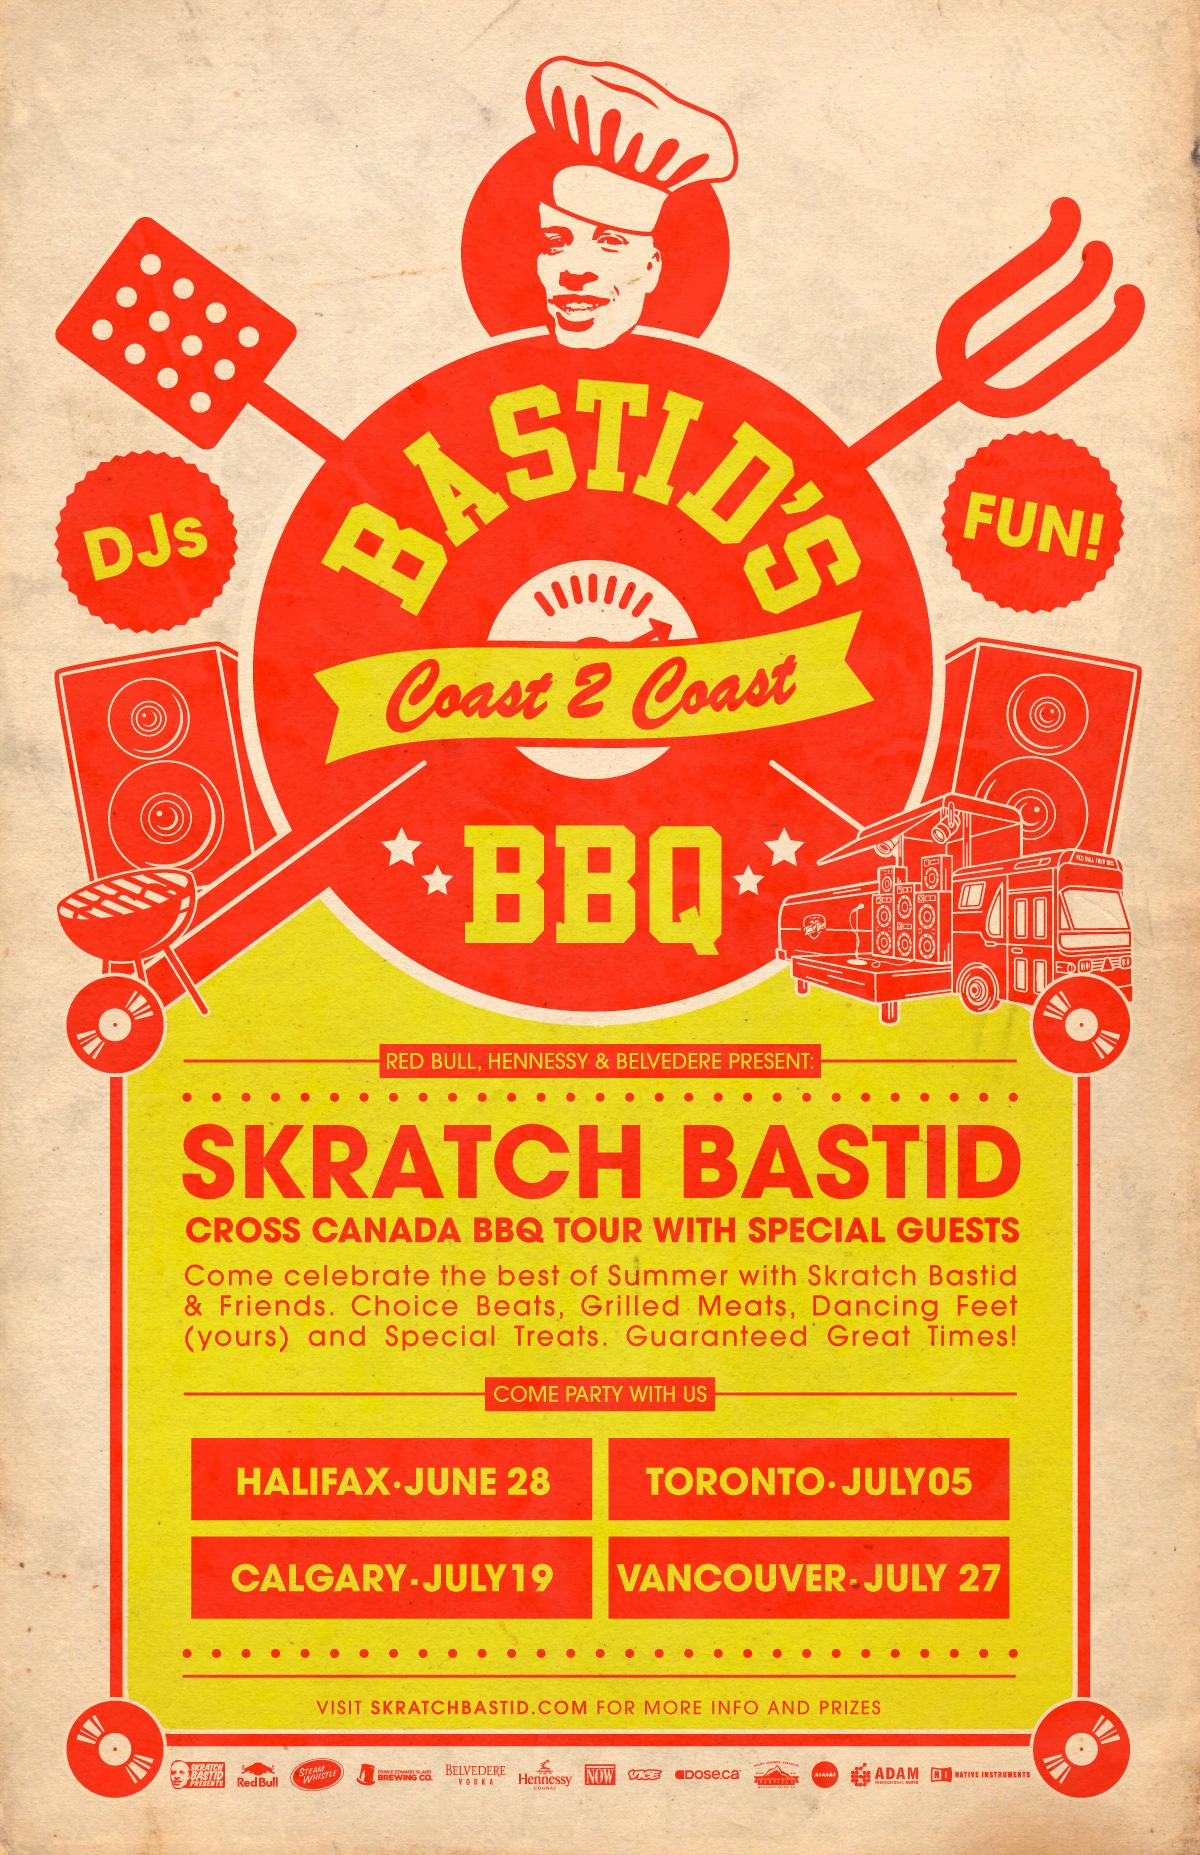 Skratch Bastid Brings Bastid's BBQ 2014 Canada